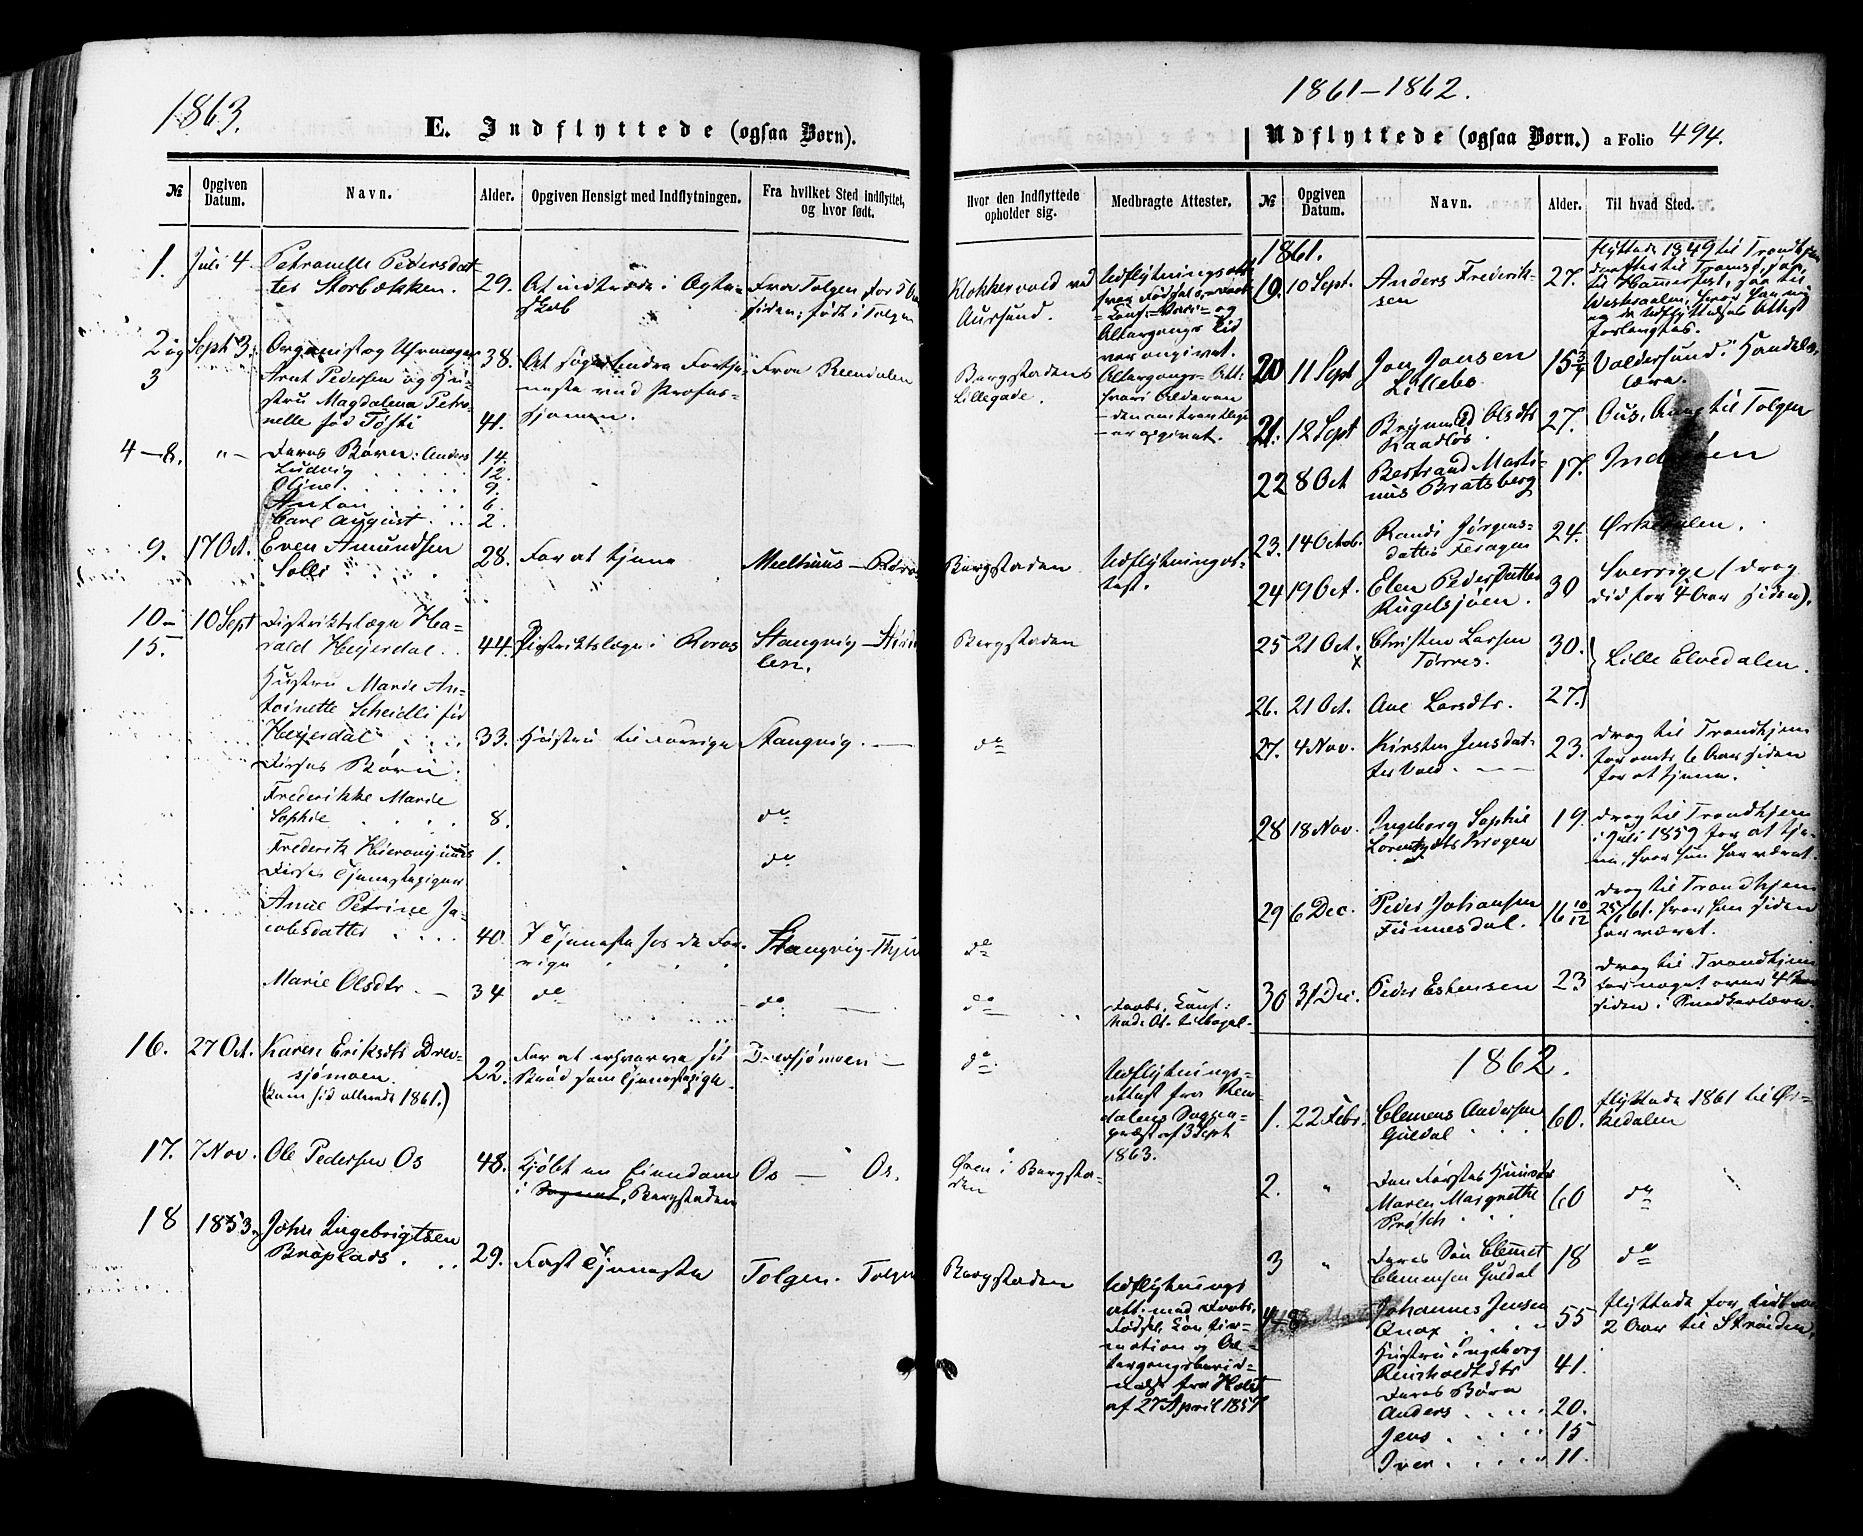 SAT, Ministerialprotokoller, klokkerbøker og fødselsregistre - Sør-Trøndelag, 681/L0932: Ministerialbok nr. 681A10, 1860-1878, s. 494